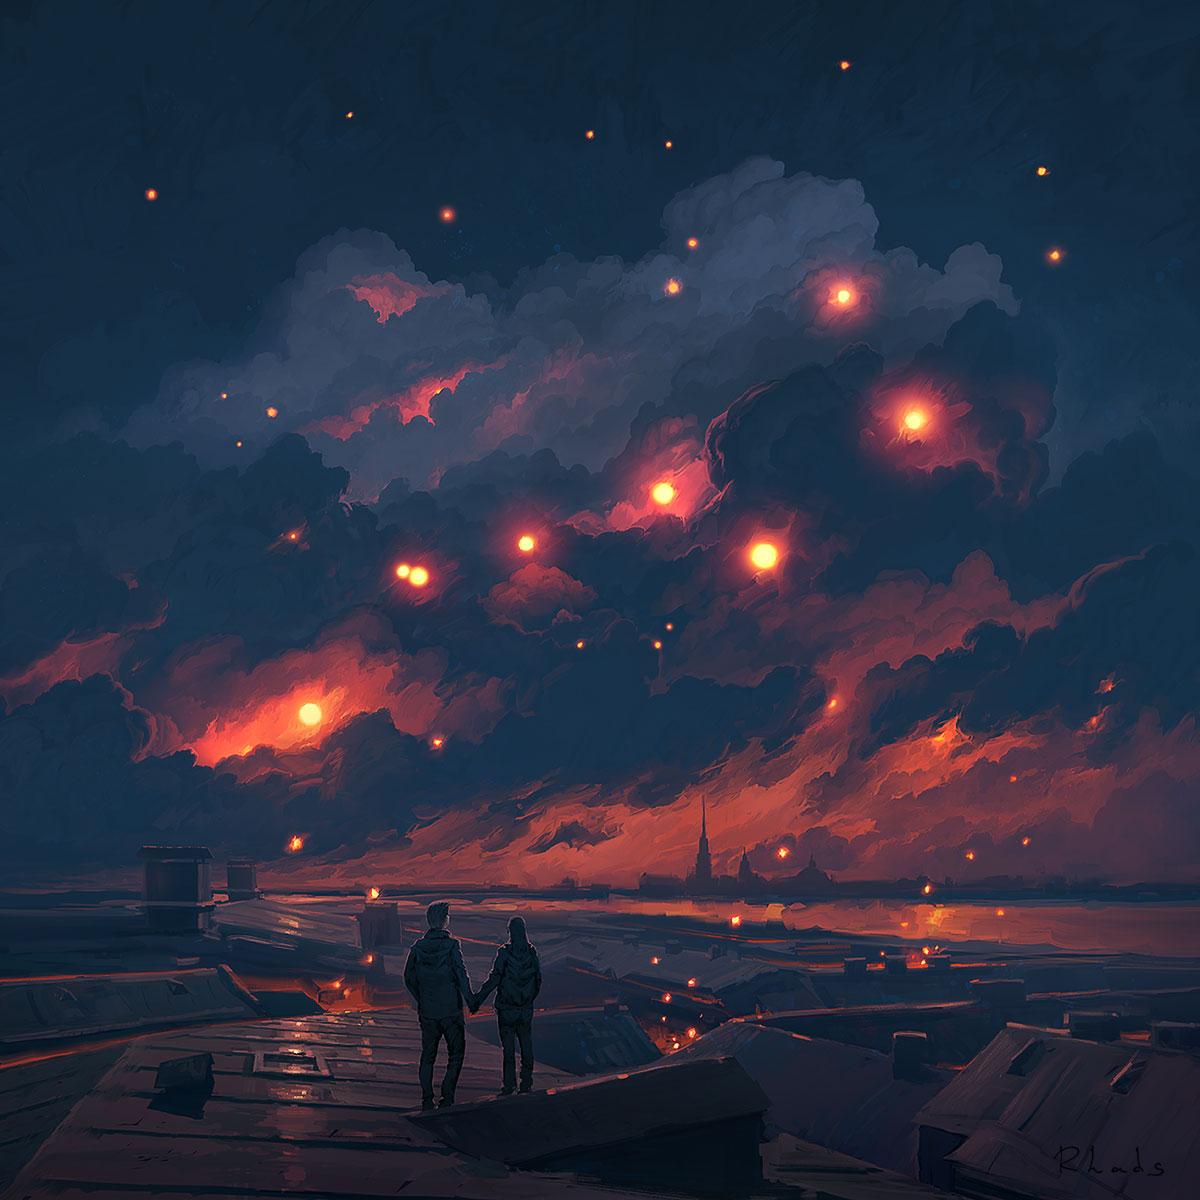 Magic Night by RHADS